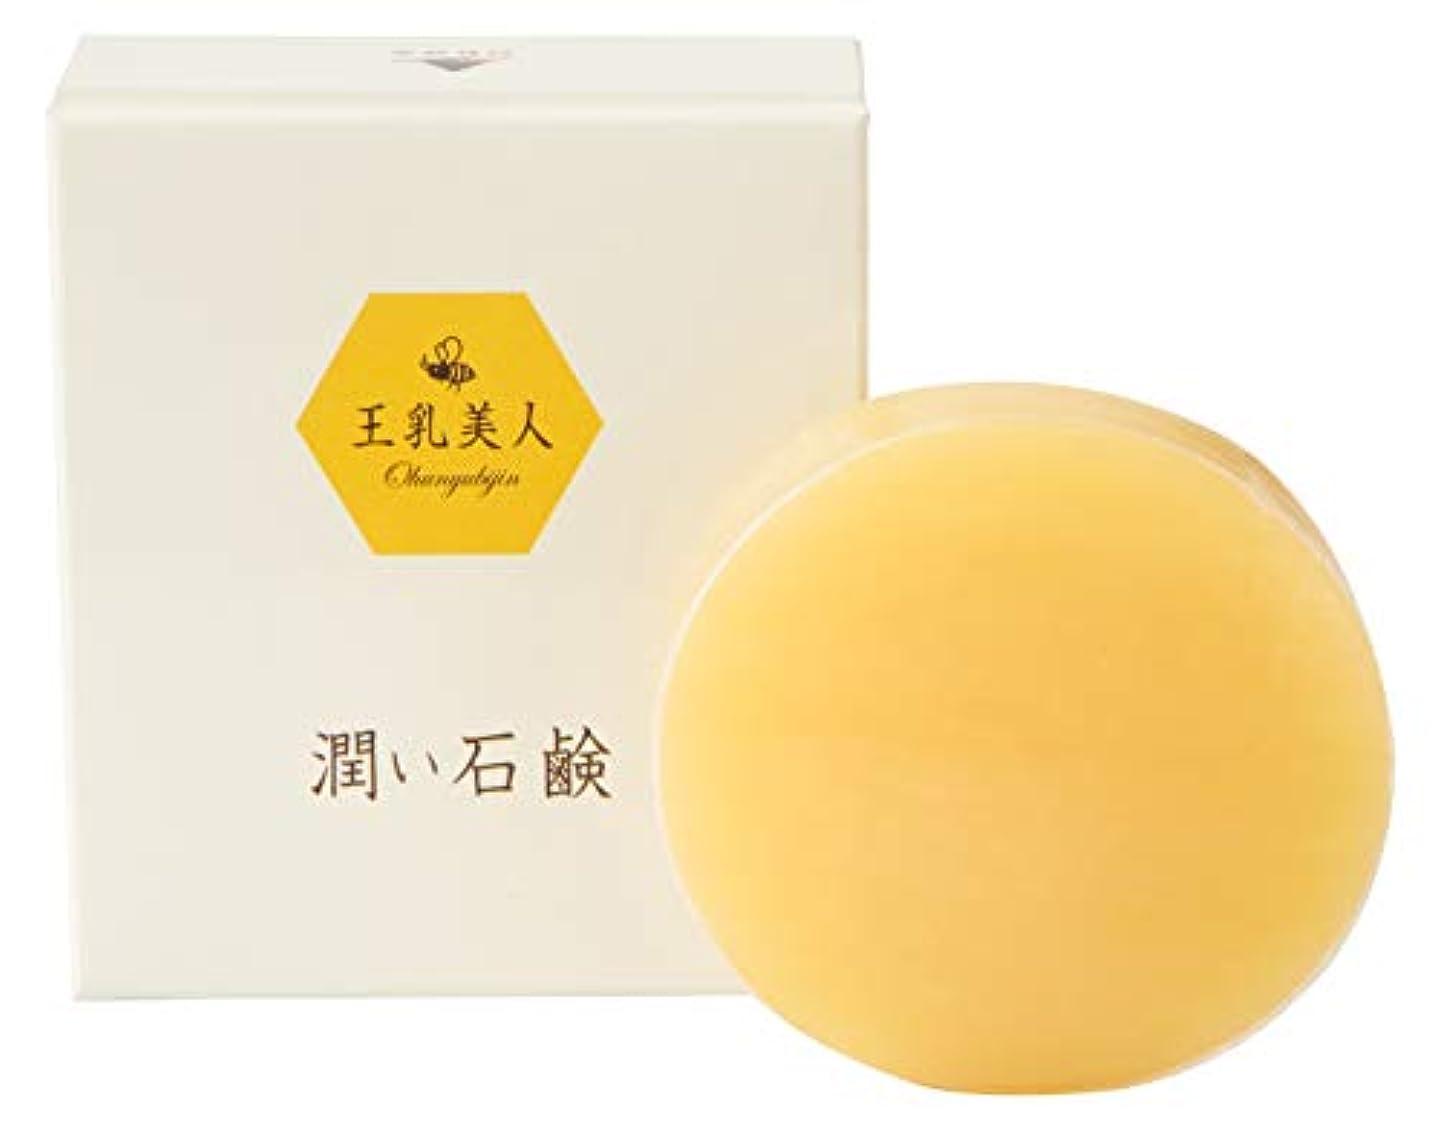 毛細血管朝出血王乳美人 潤い石鹸 100g 熊本産の馬油を使用